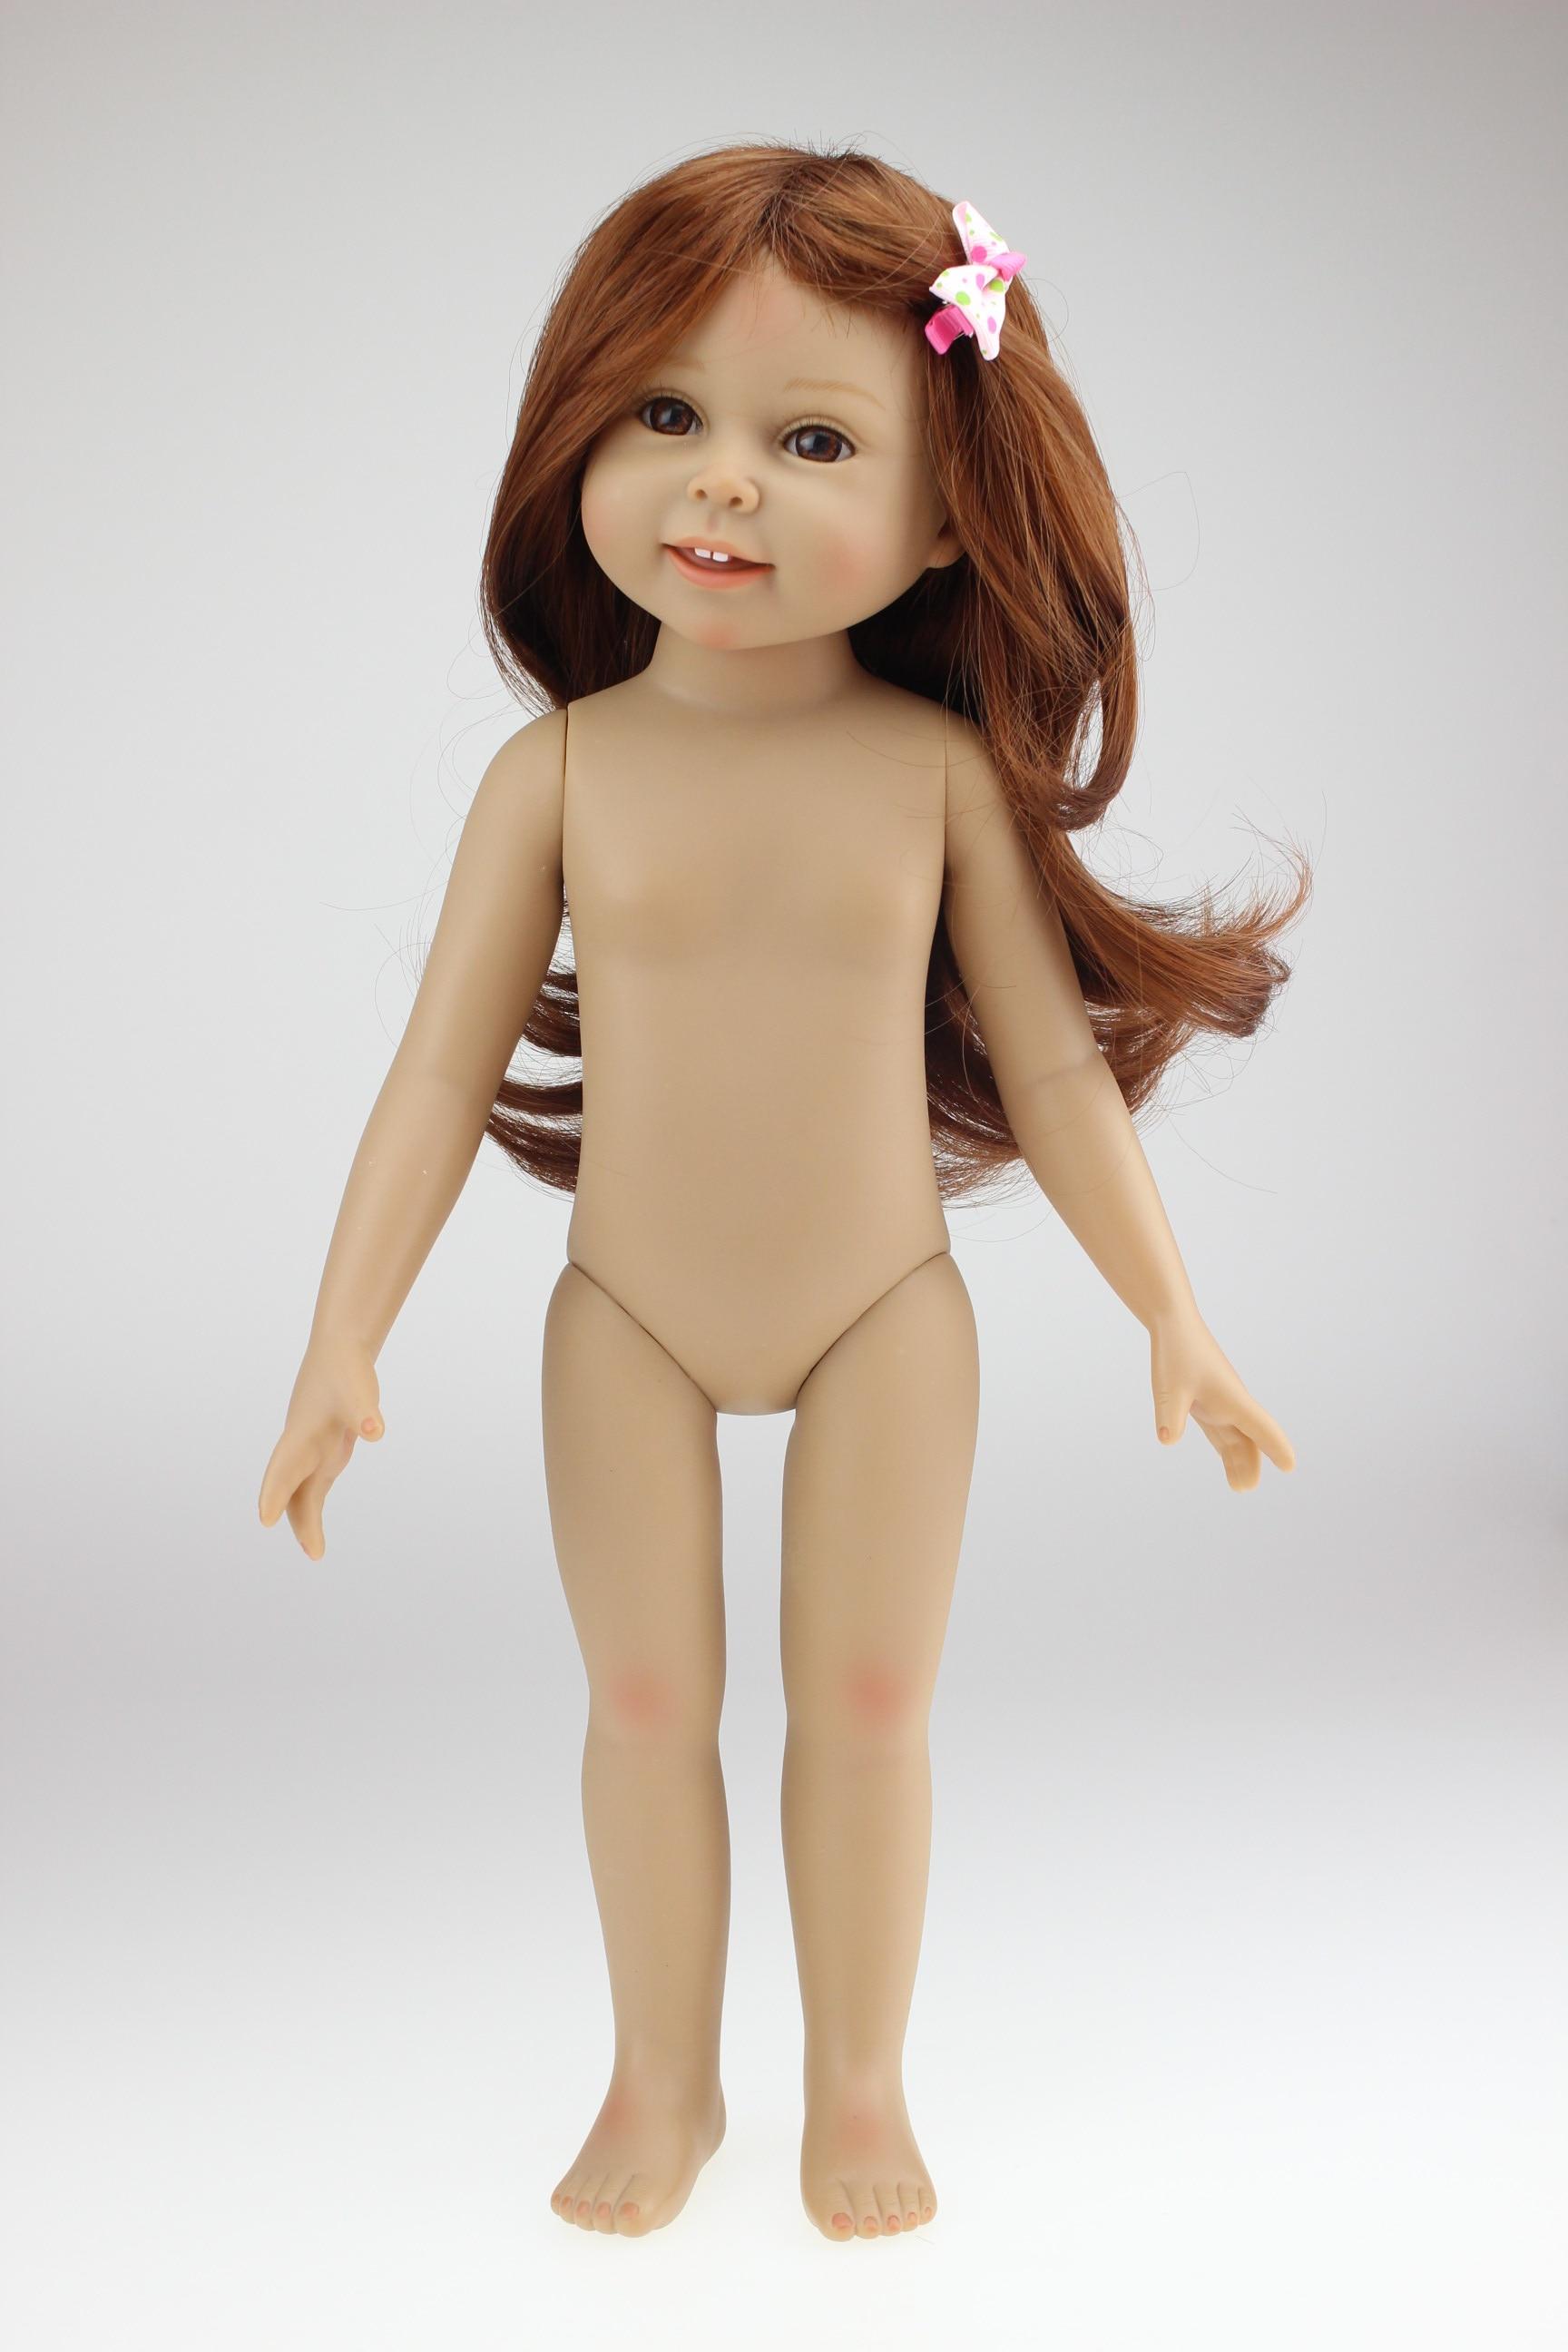 Голые виниловые куклы для взрослых фото 59-797